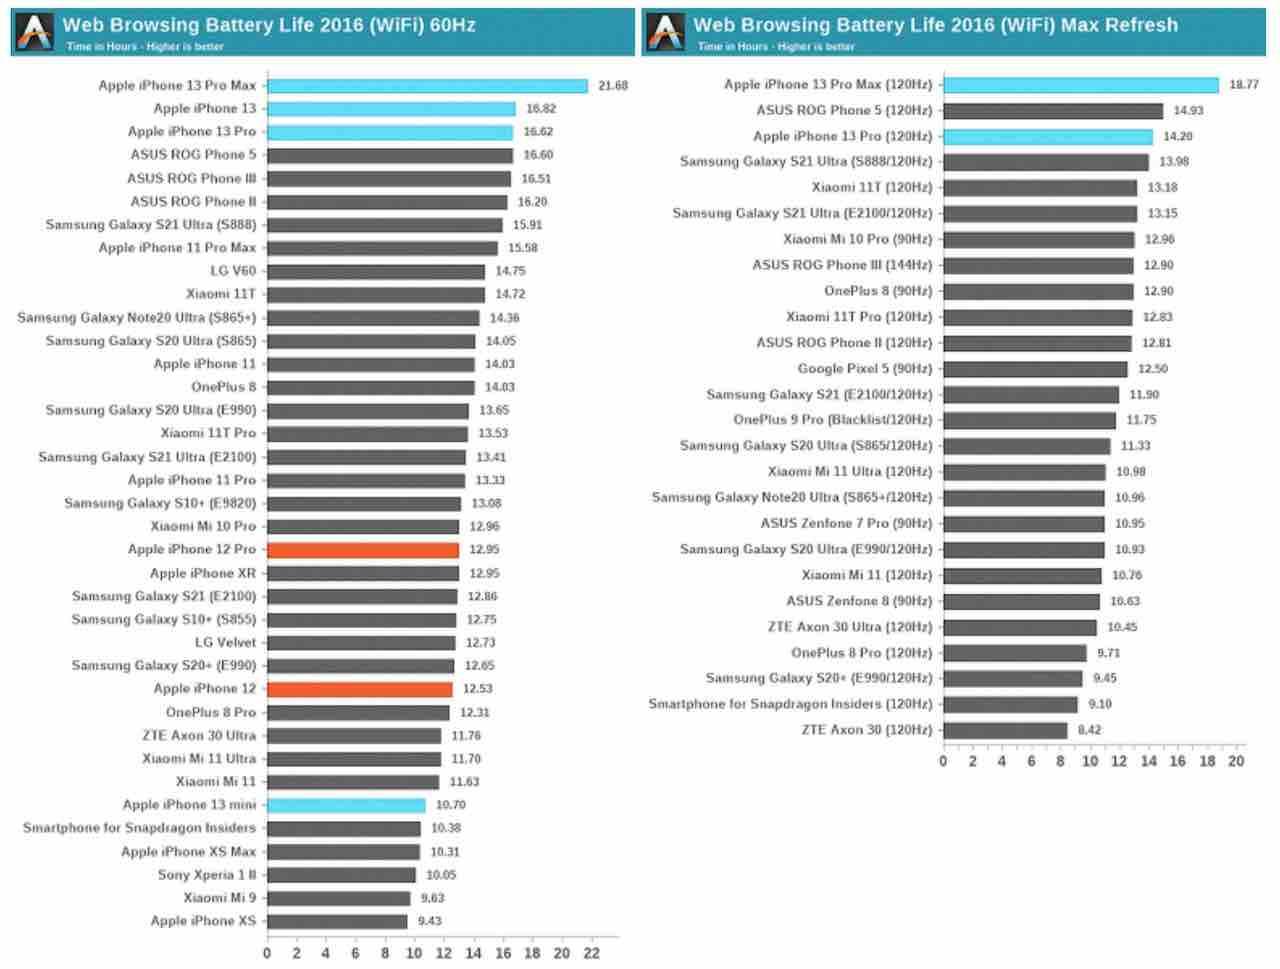 iPhone 13 Pro Max zniszczył wszystkich konkurentów ze świata Androida w nowym teście baterii ciekawostki test baterii iphone 13 pro max, test baterii iphone 13 pro, porównanie baterii, iPhone 13 Pro max, ile na baterii wytrzyma iphone 13 pro max, czas pracy iphone 13 pro max  Żywotność baterii iPhone'a była od dawna była krytykowana. Na szczęście w iPhone 13 i 13 Pro się to zmieniło do tego stopnia, że model 13 Pro Max zniszczył wszystkie smartfony z Androidem w najnowszym teście baterii. iPhone13ProMax testbaterii